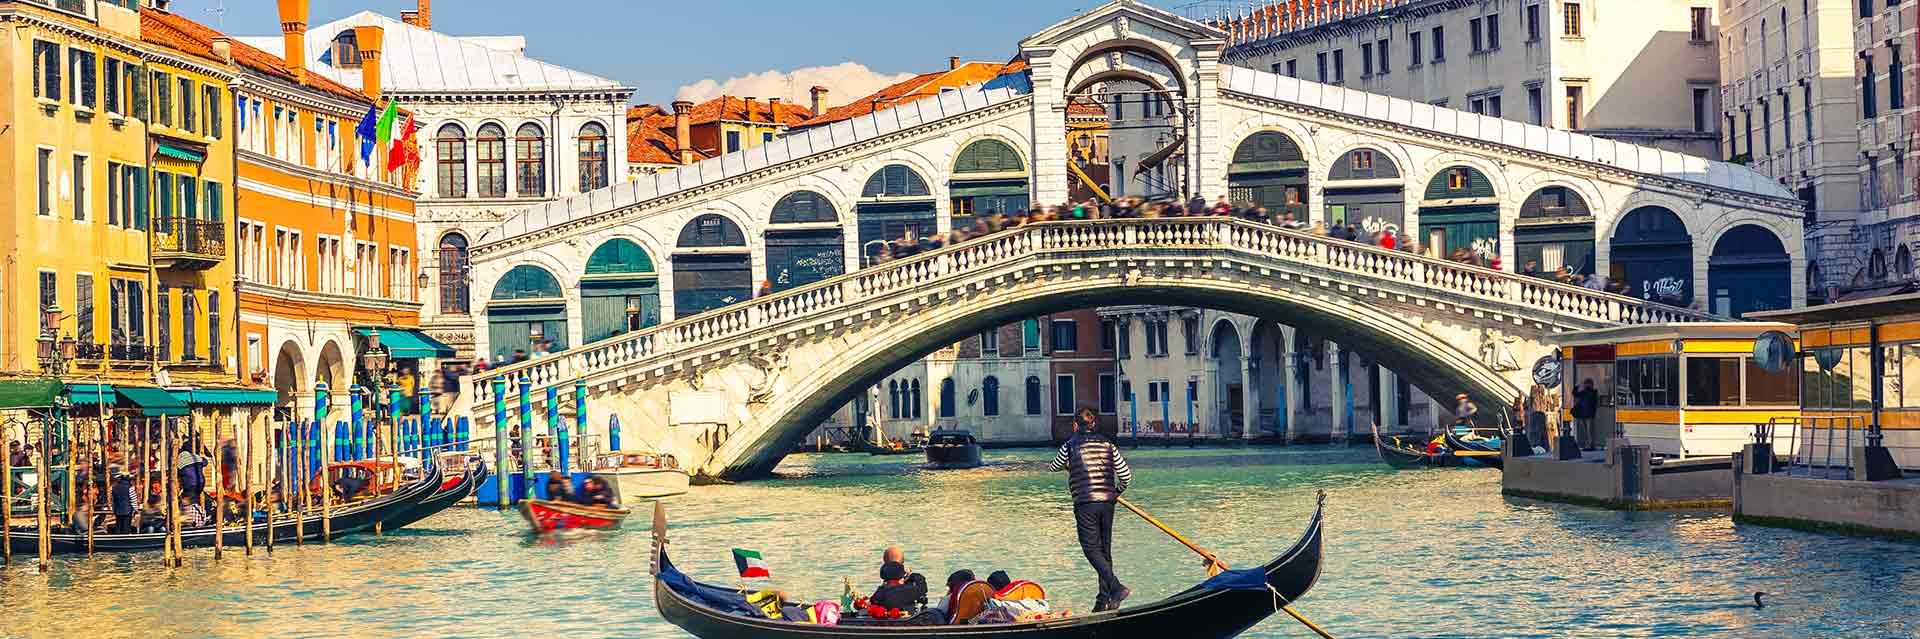 Seminaire Italie Venise